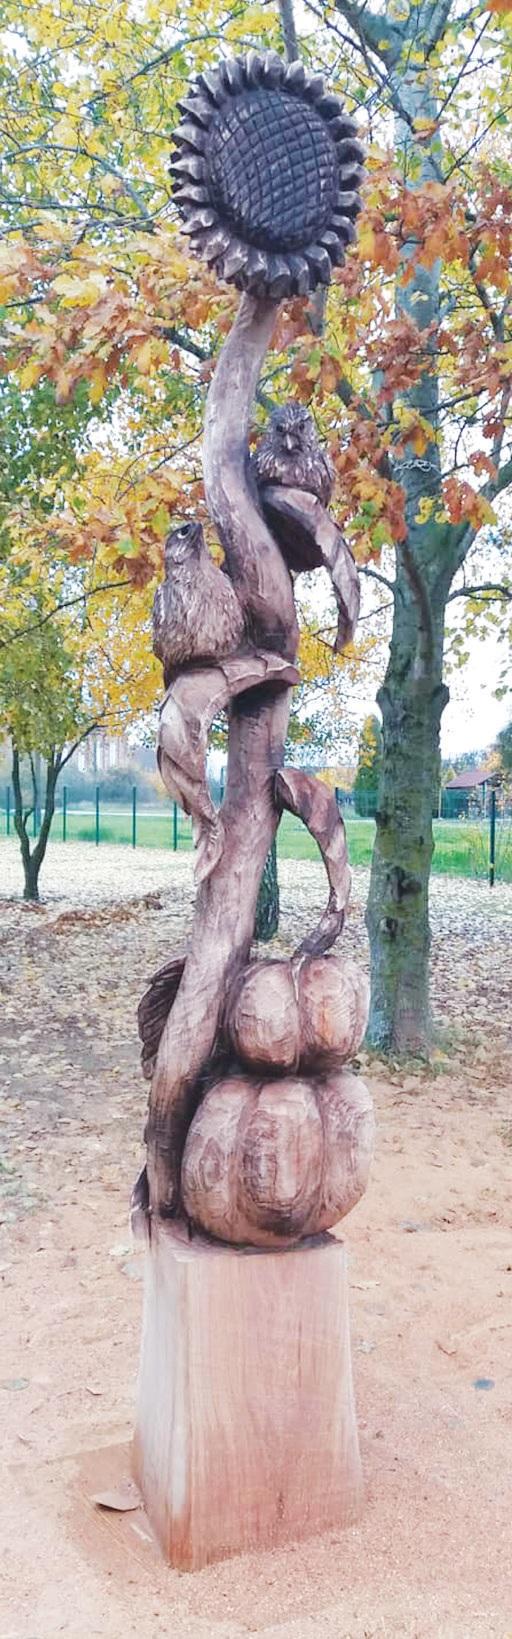 Drožėjas Raimondas Uždravis grandininiu pjūklu kuria įspūdingas medžio skulptūras.